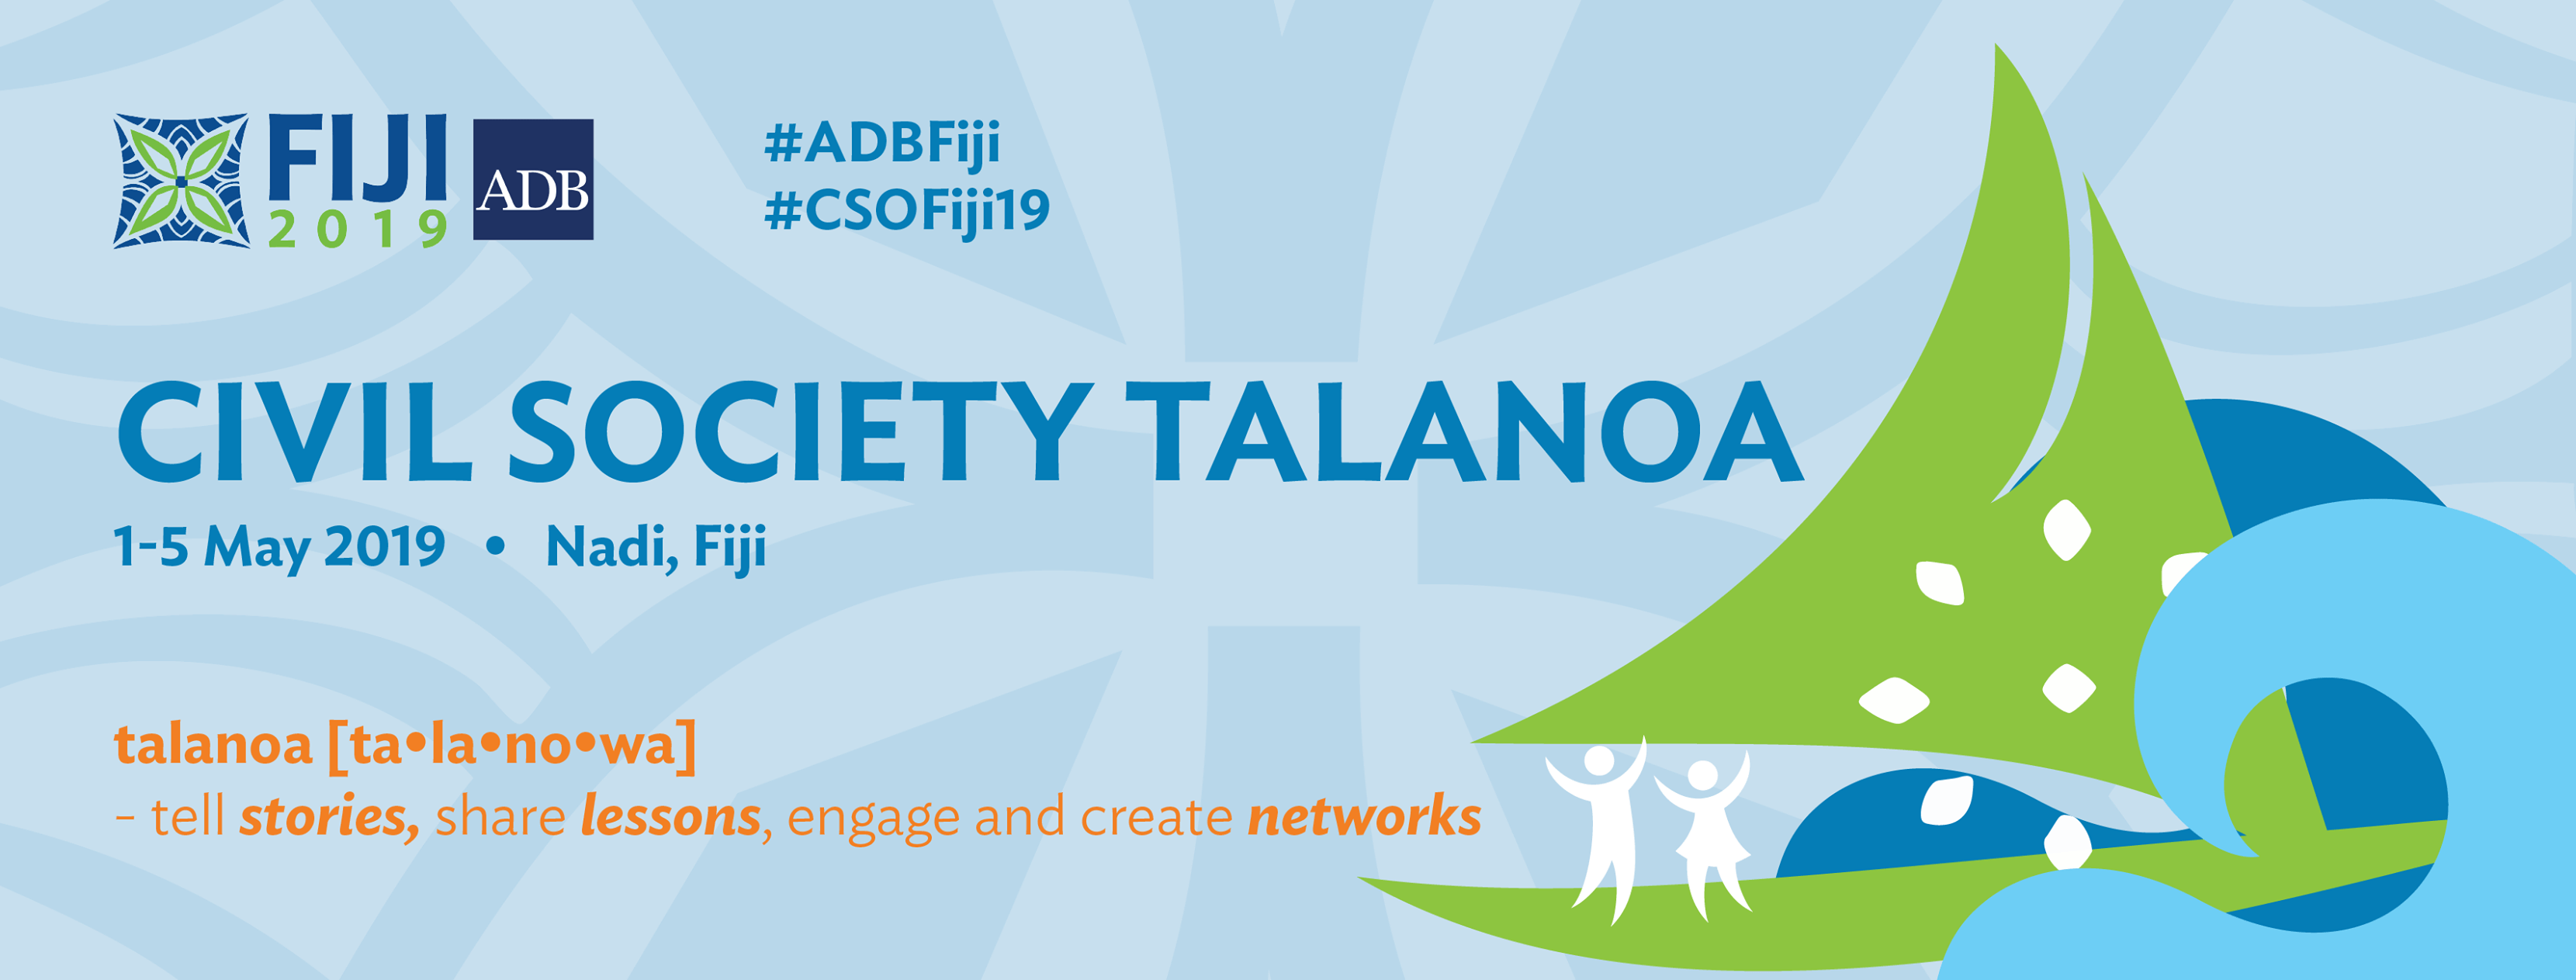 ADB Civil Society Talanoa